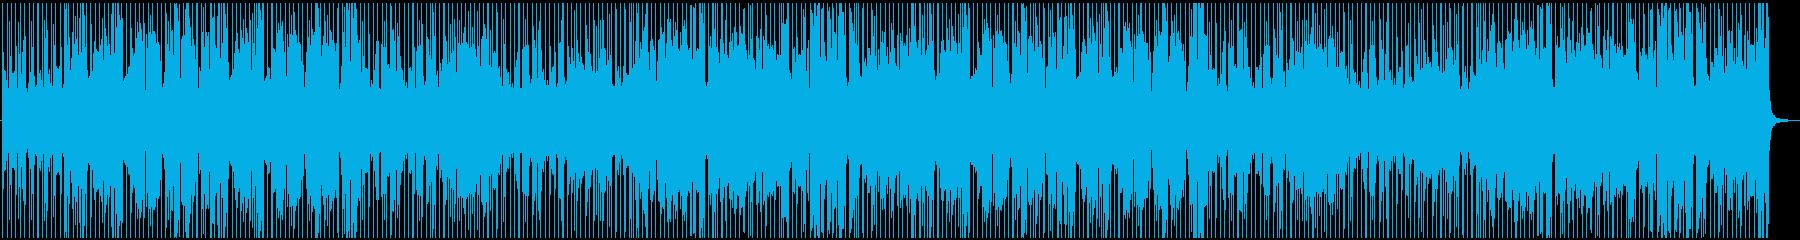 爽やかで疾走感のあるアコギメインの曲の再生済みの波形